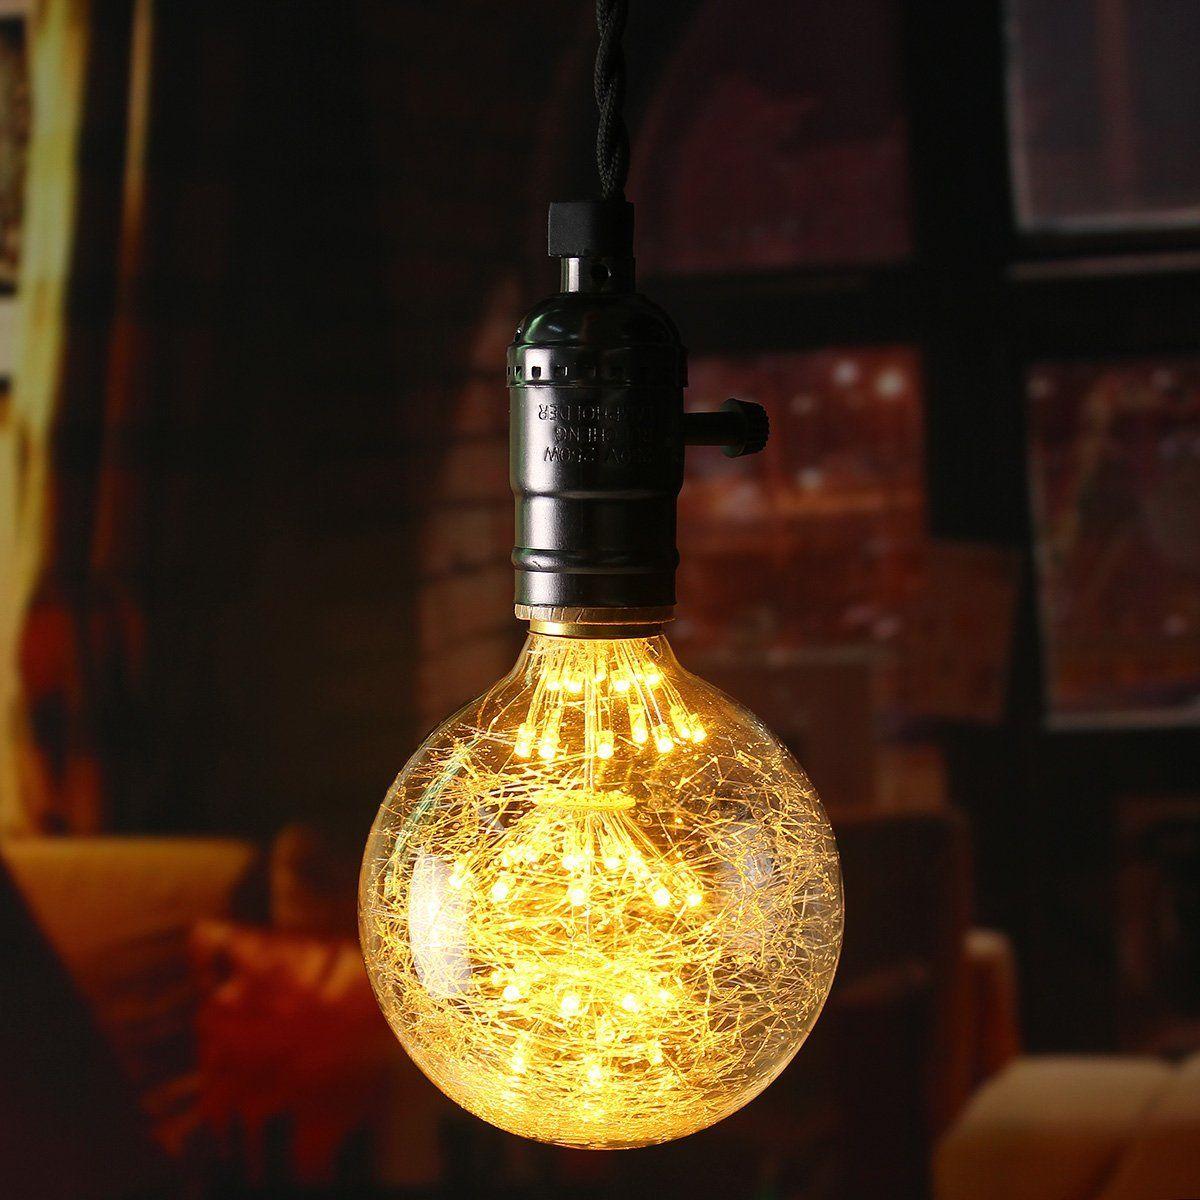 Schön KINGSO LED E27 3W Edison Lampe Vintage Retro Stil Glühbirne 2300K Deko  Glühlampe Mit Zertifikat Warmweiß